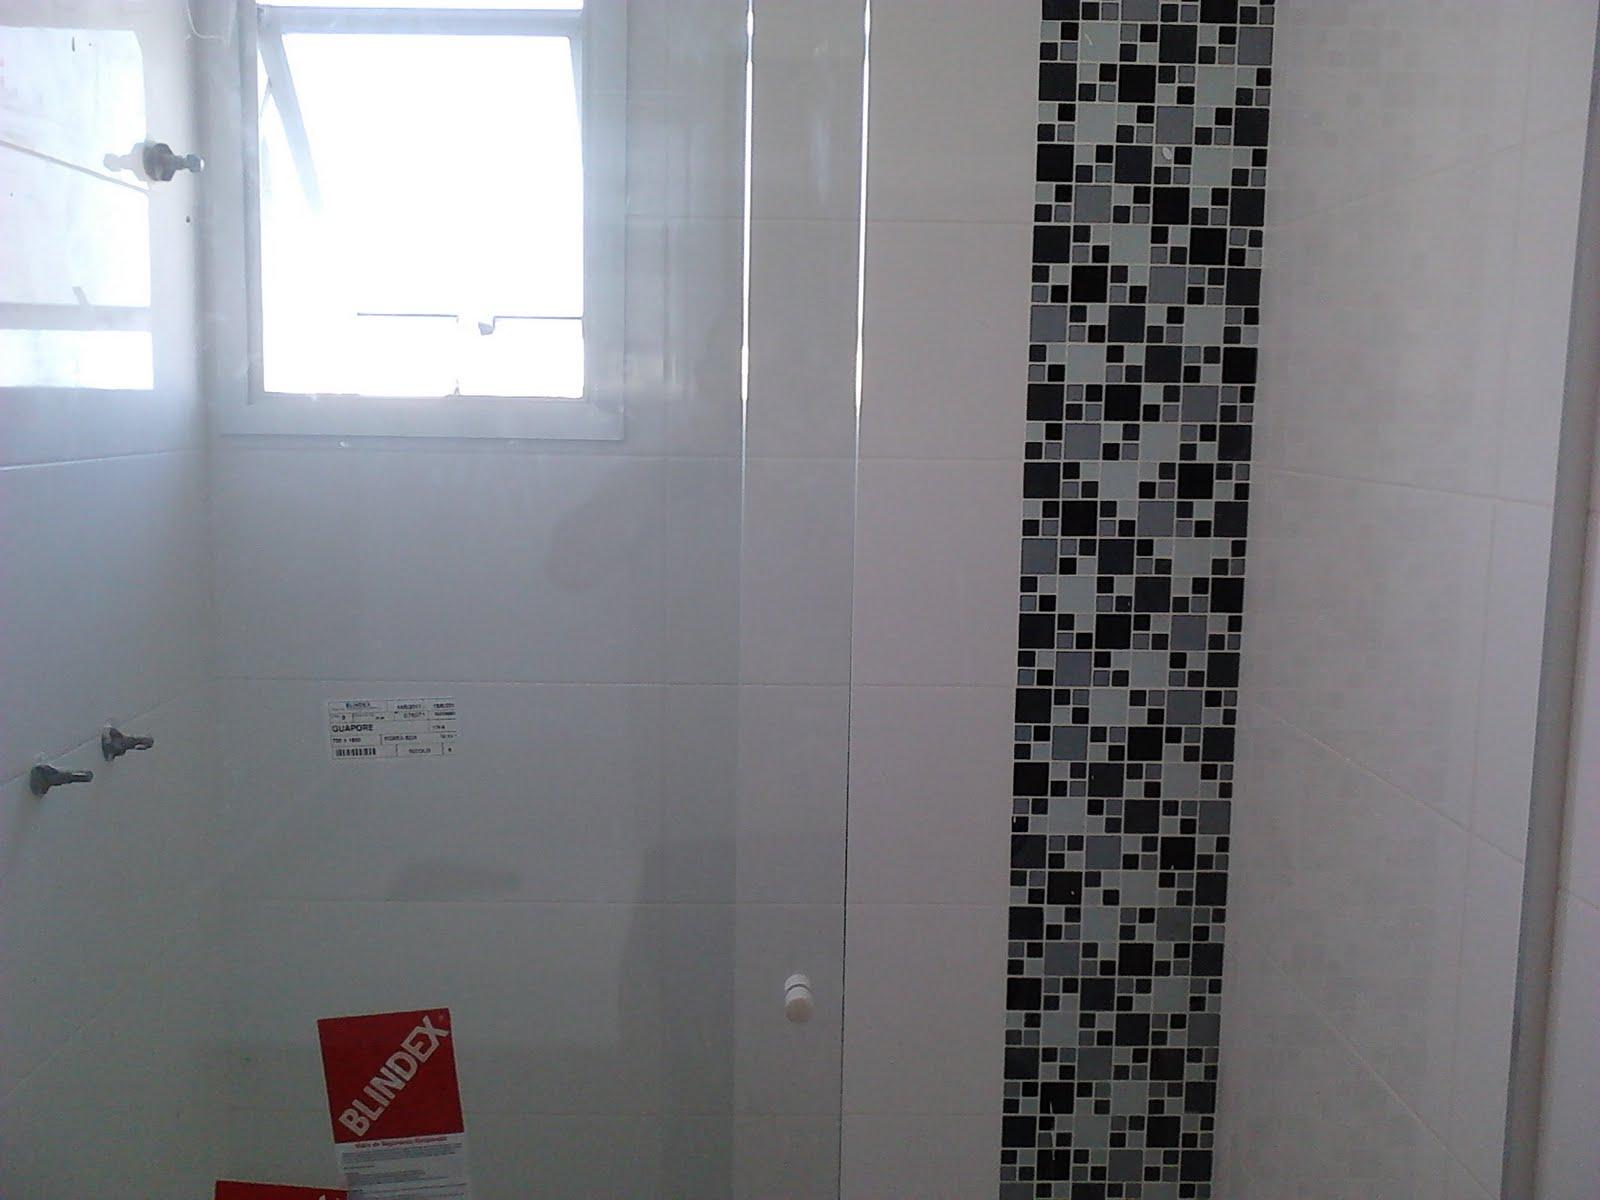 Banheiro Com Azulejos Imitando Pastilhas  rinkratmagcom banheiros decorados -> Banheiro Com Azulejo Imitando Pastilha